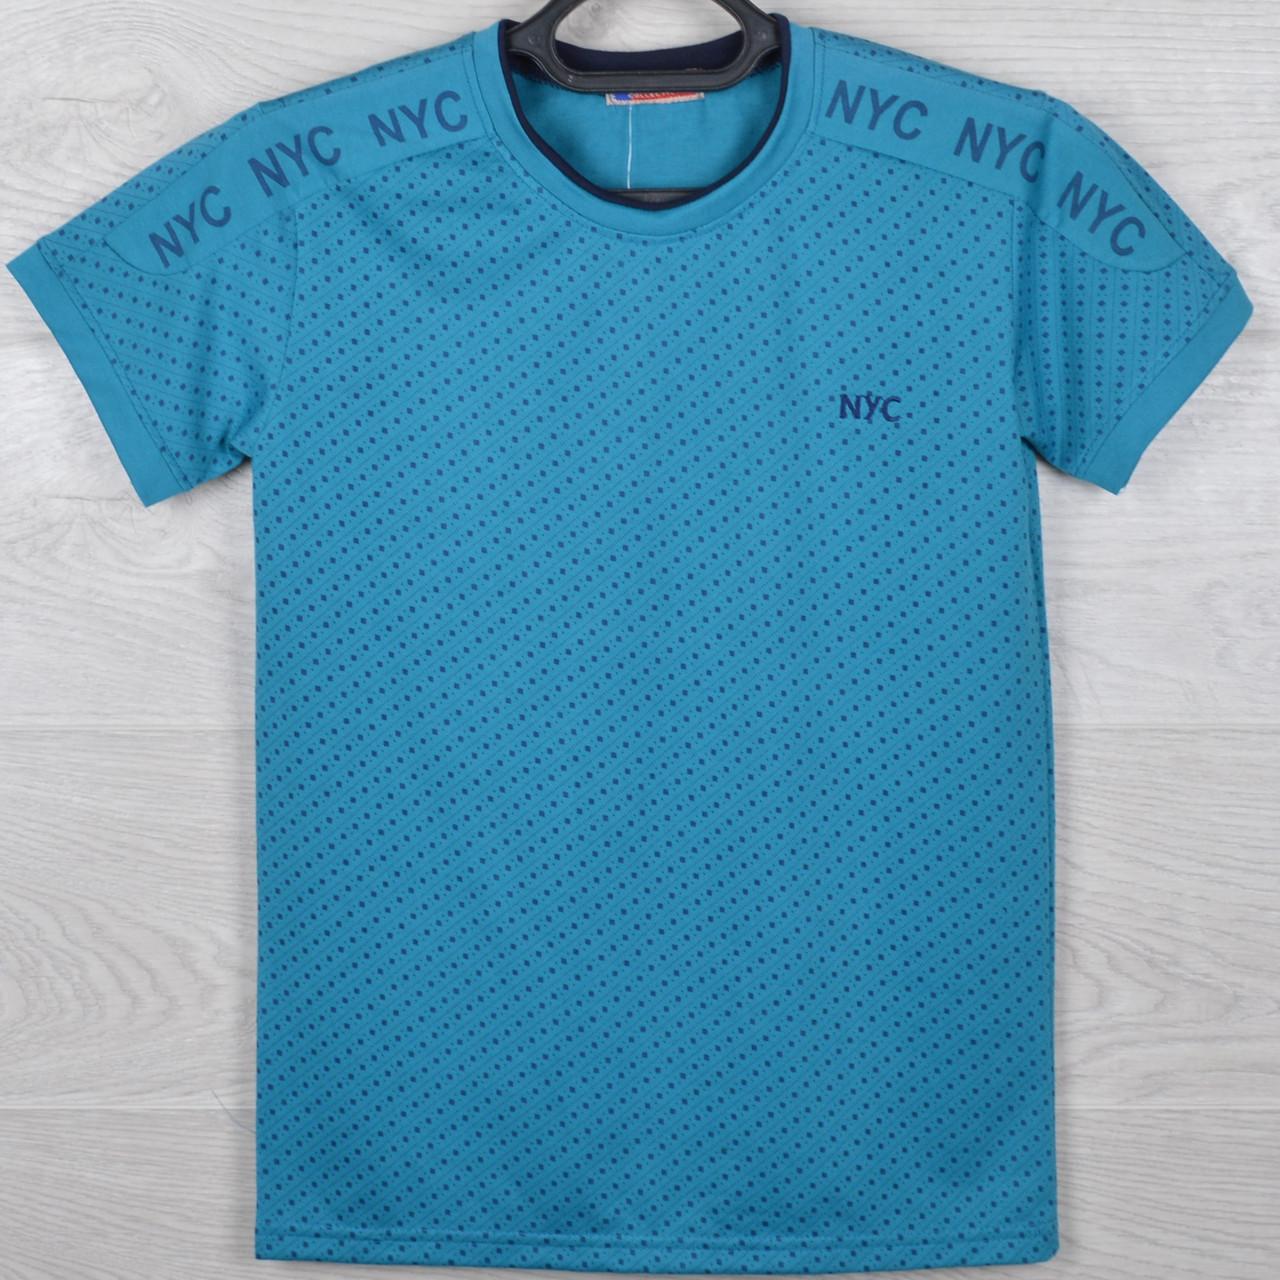 """Футболка юниор """"NYC"""" для мальчиков. Размер 42-46. Разные цвета в упаковке. Оптом"""